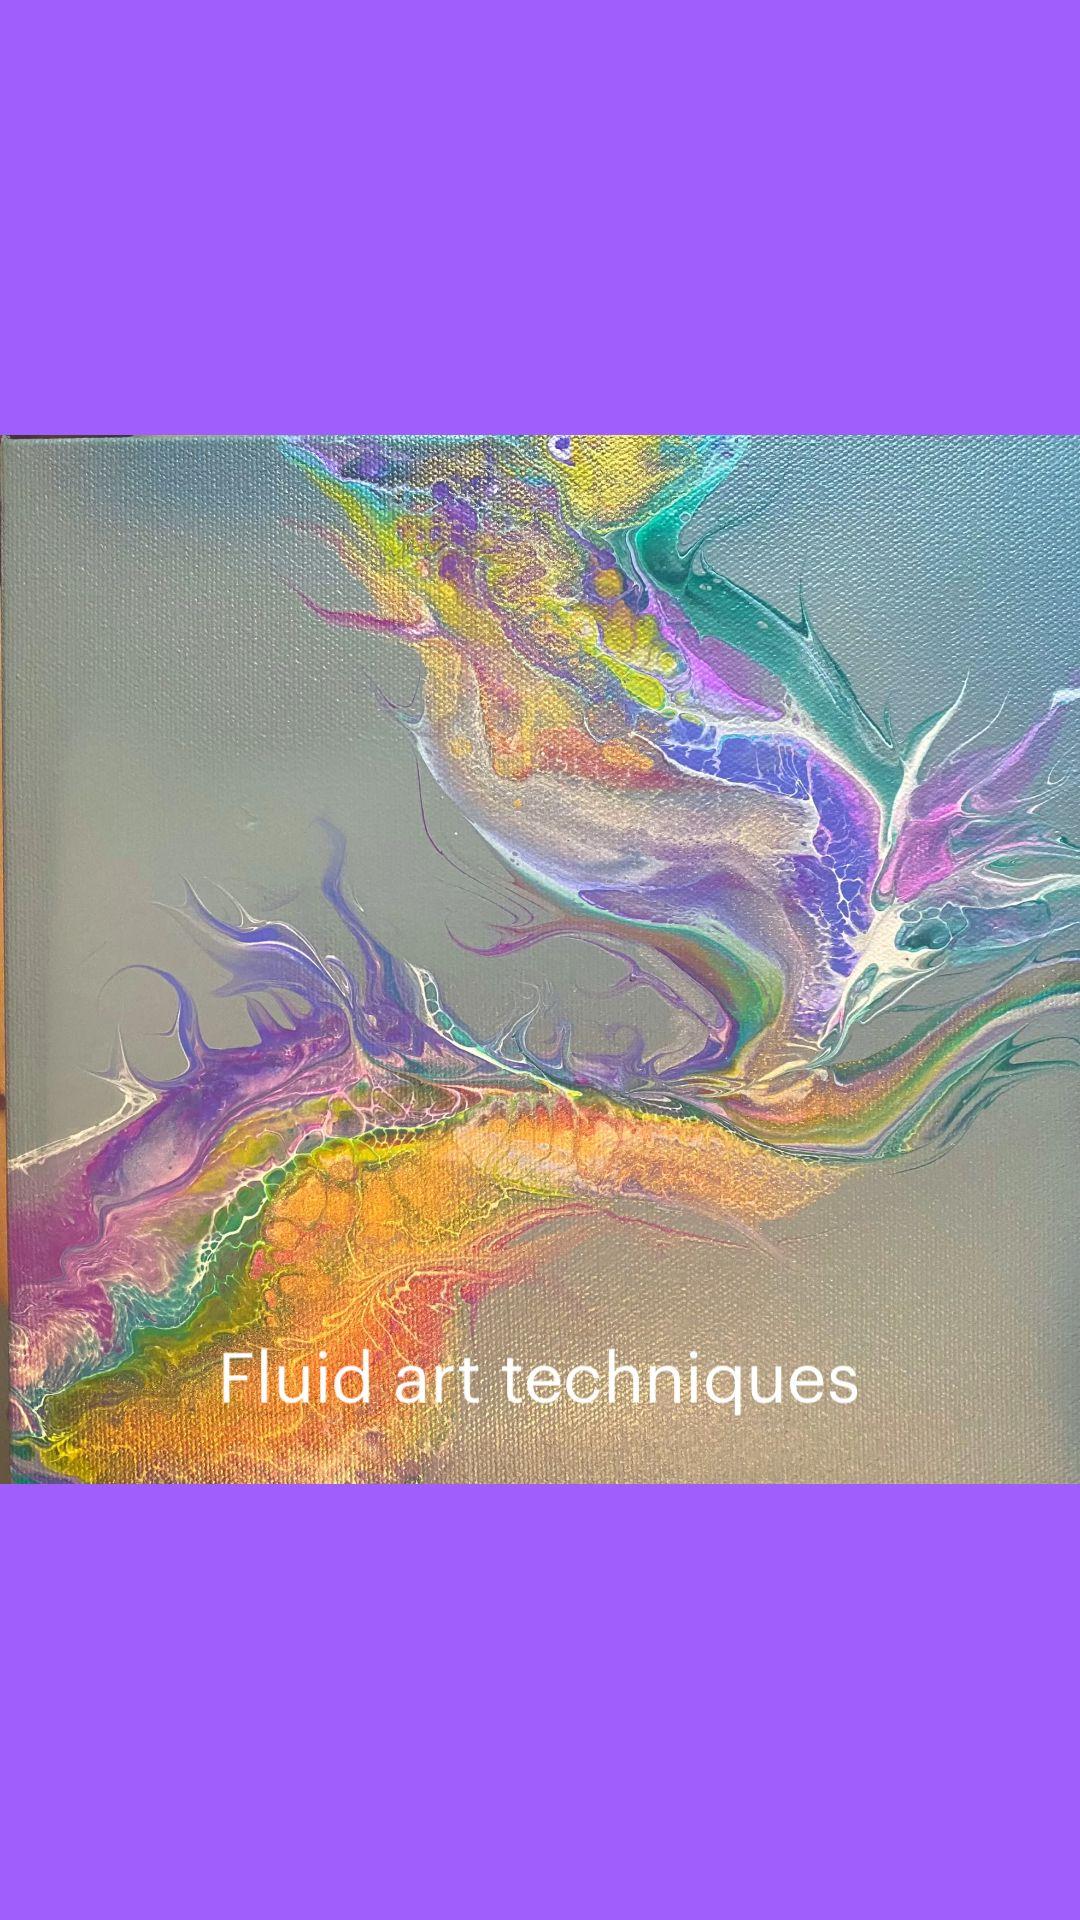 Fluid art techniques